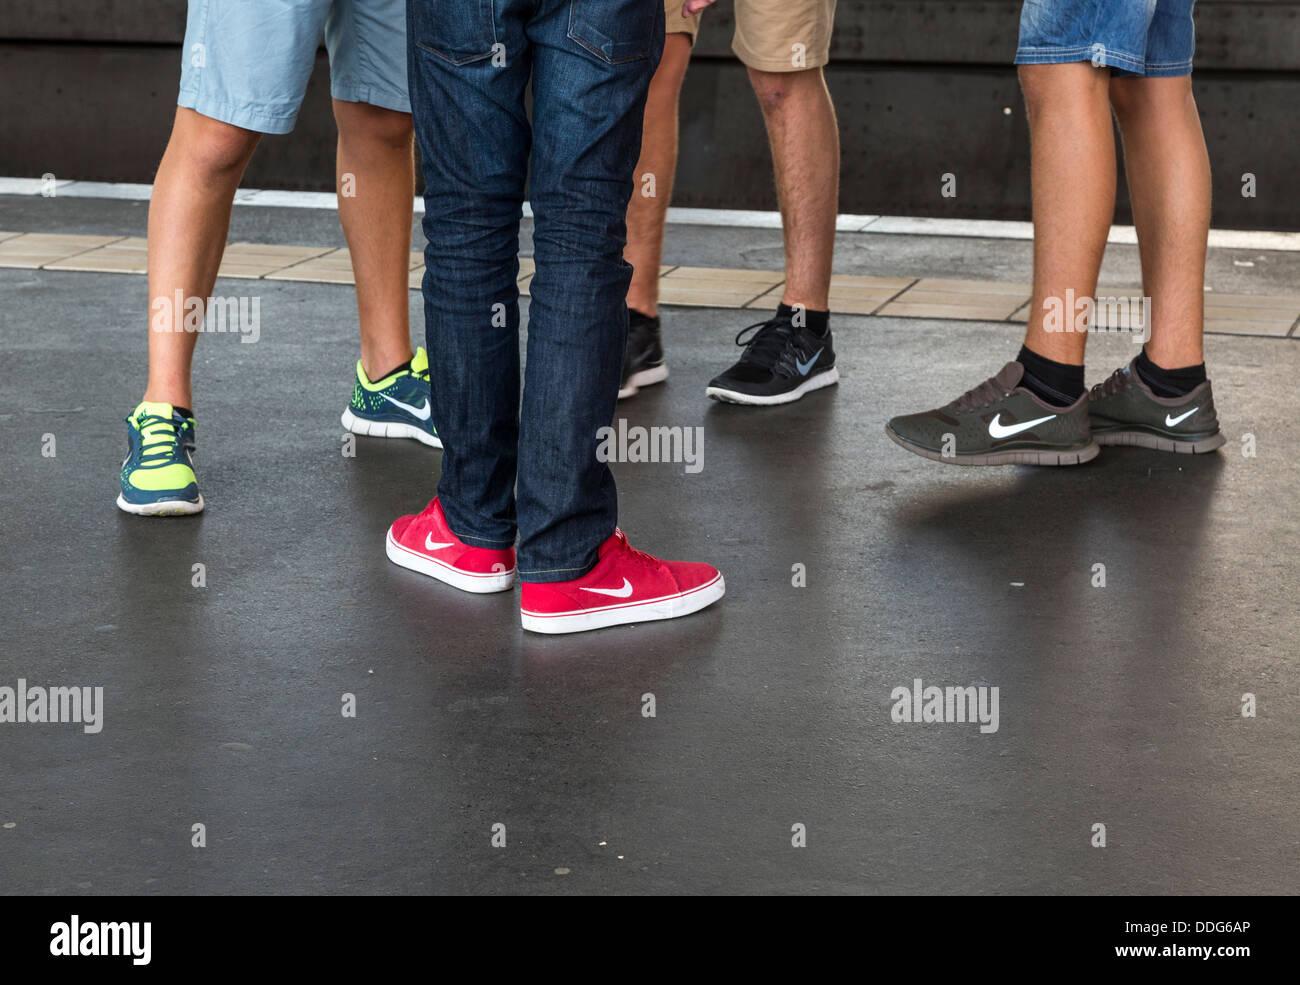 Nike Jugendliche BahnstationBerlin mit Jugendliche SchuhenU R53ALj4